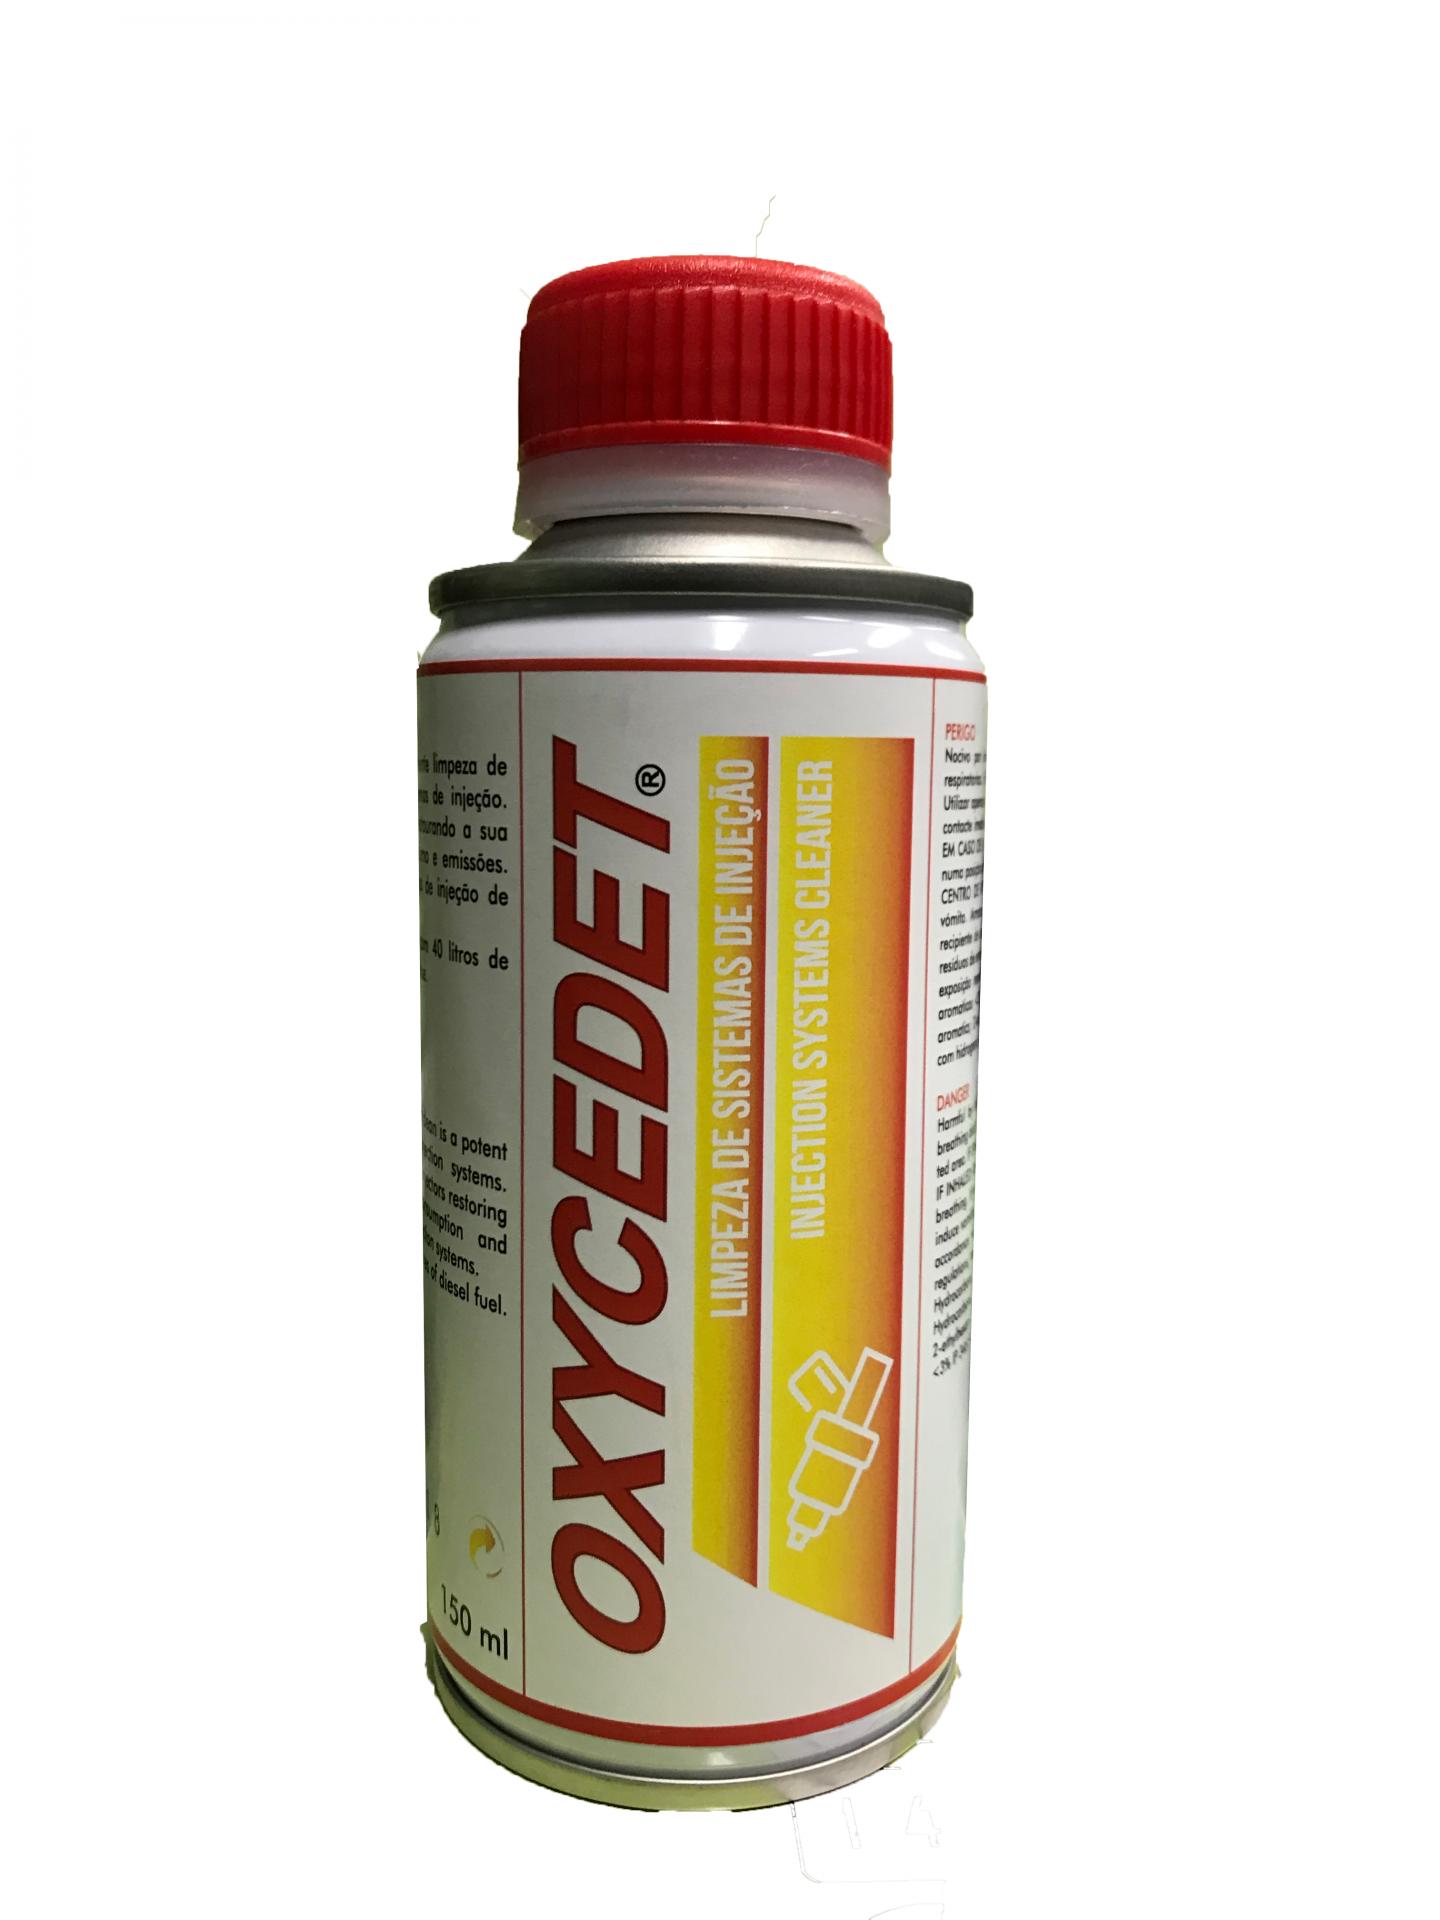 Limpeza de Sistemas de Injecção Oxycedet 150ml OLSI (aditivo para juntar ao gasóleo)